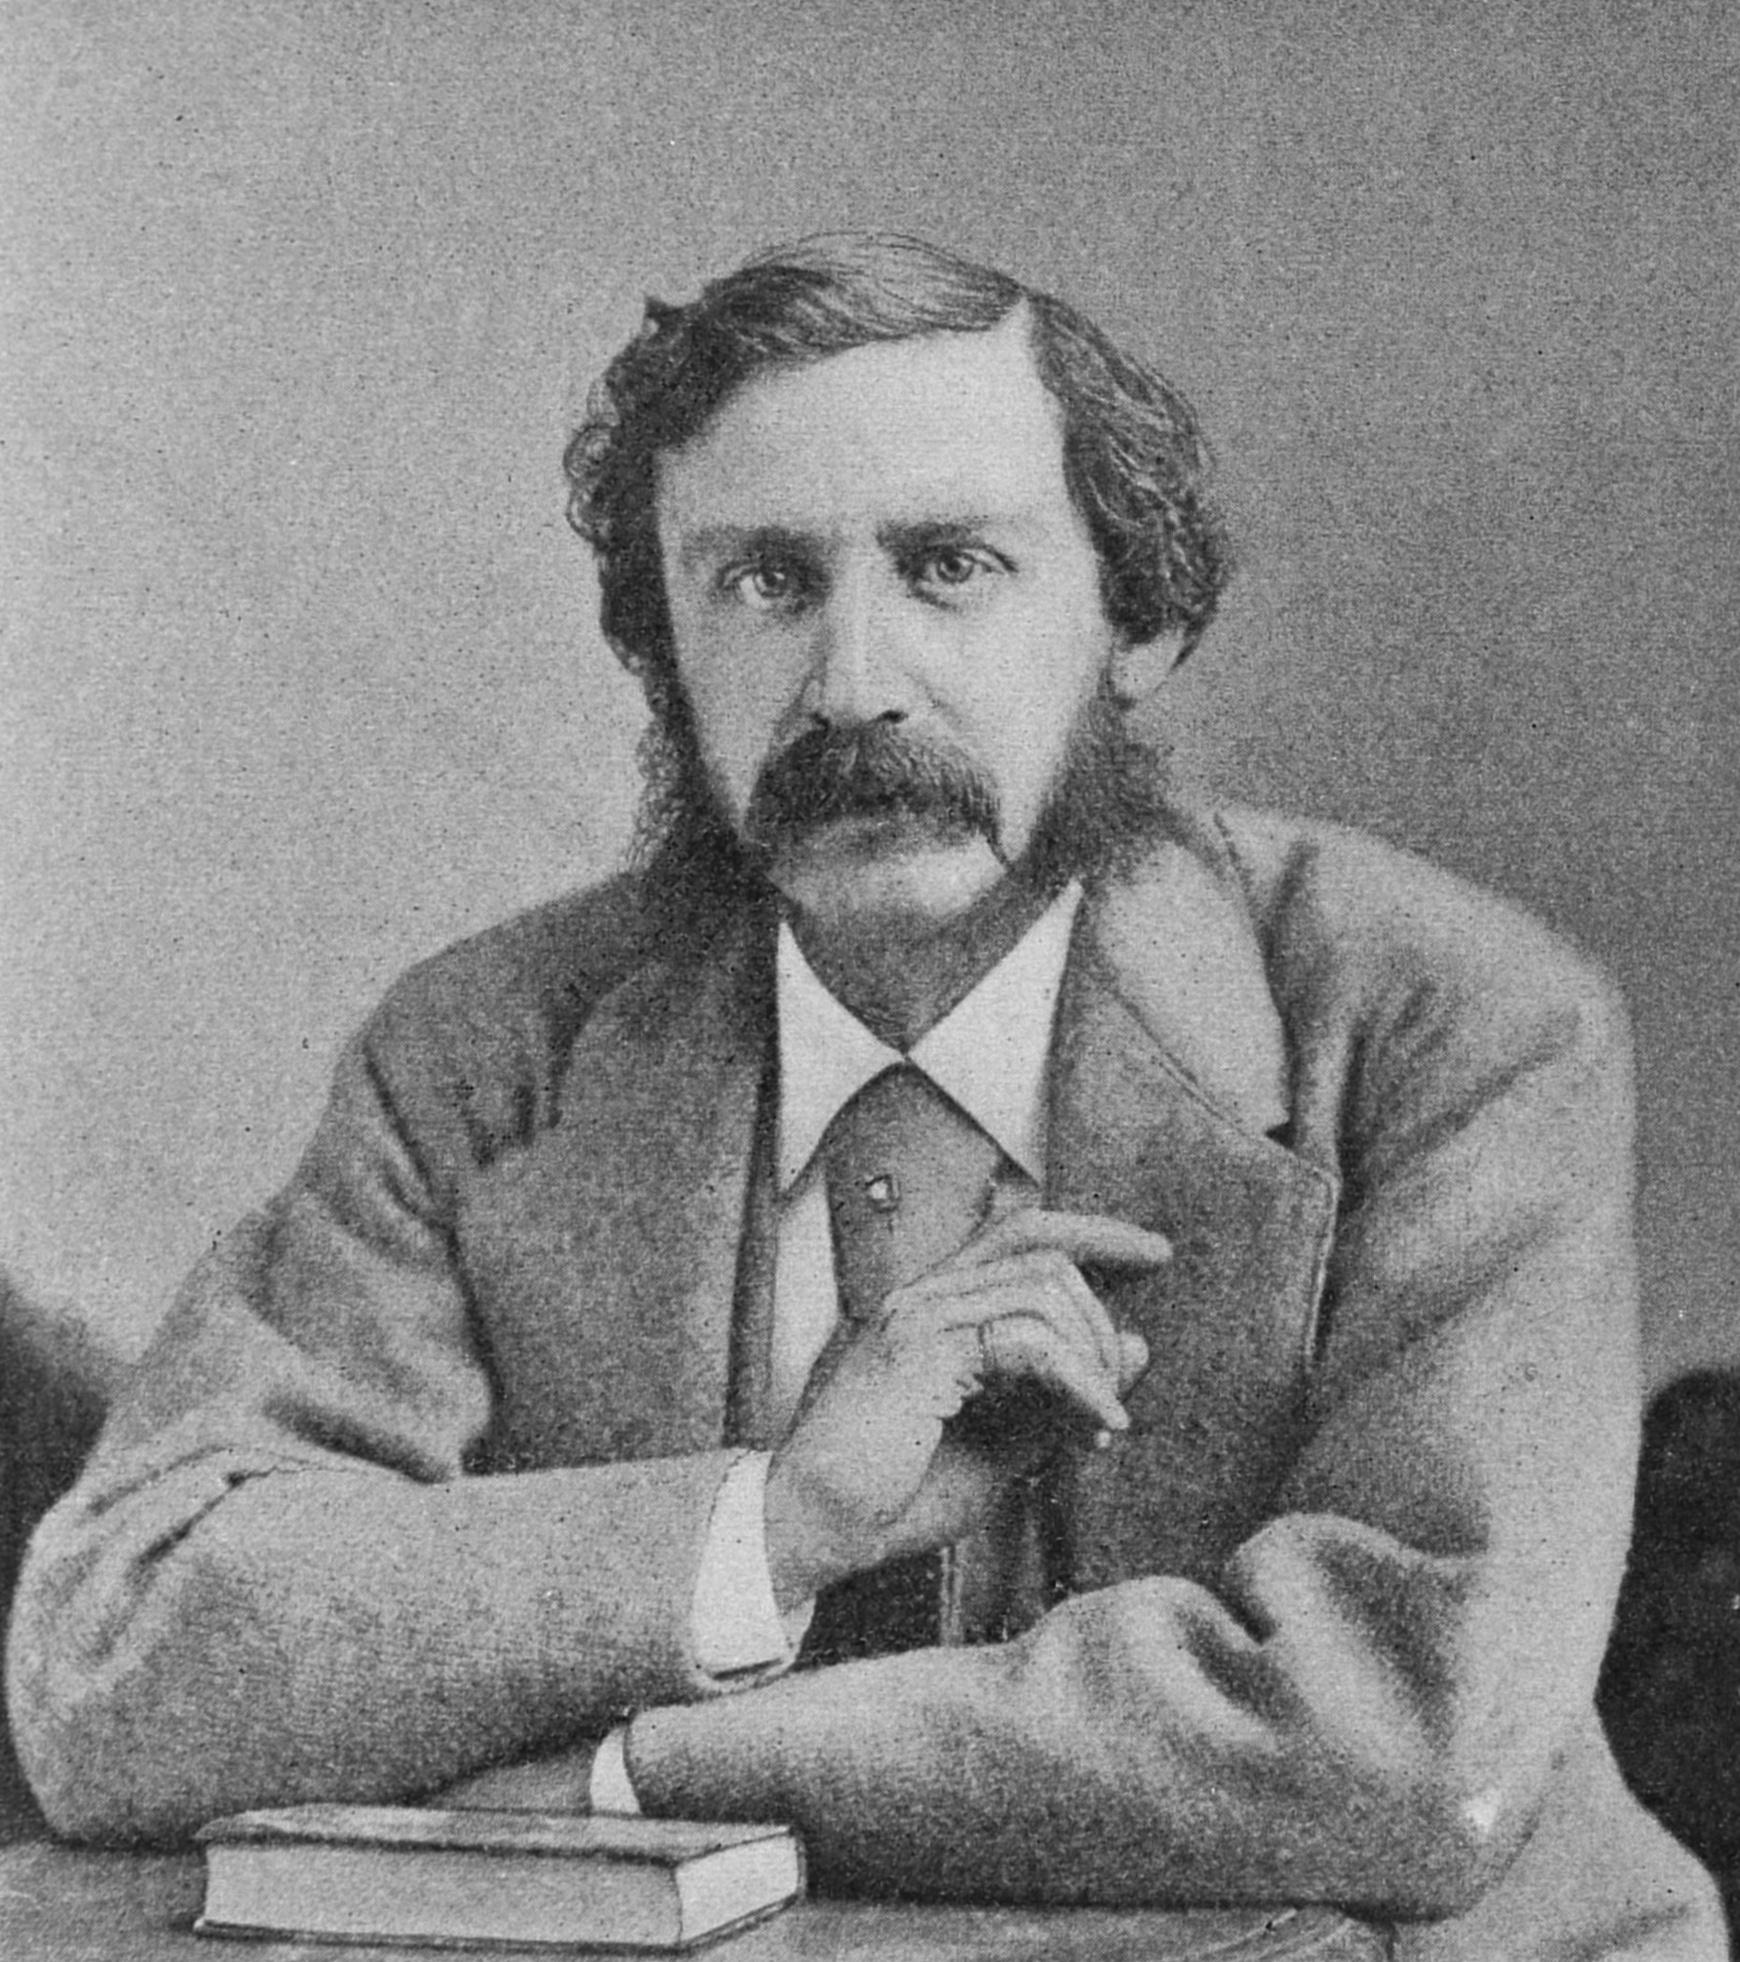 Bret Harte in 1872